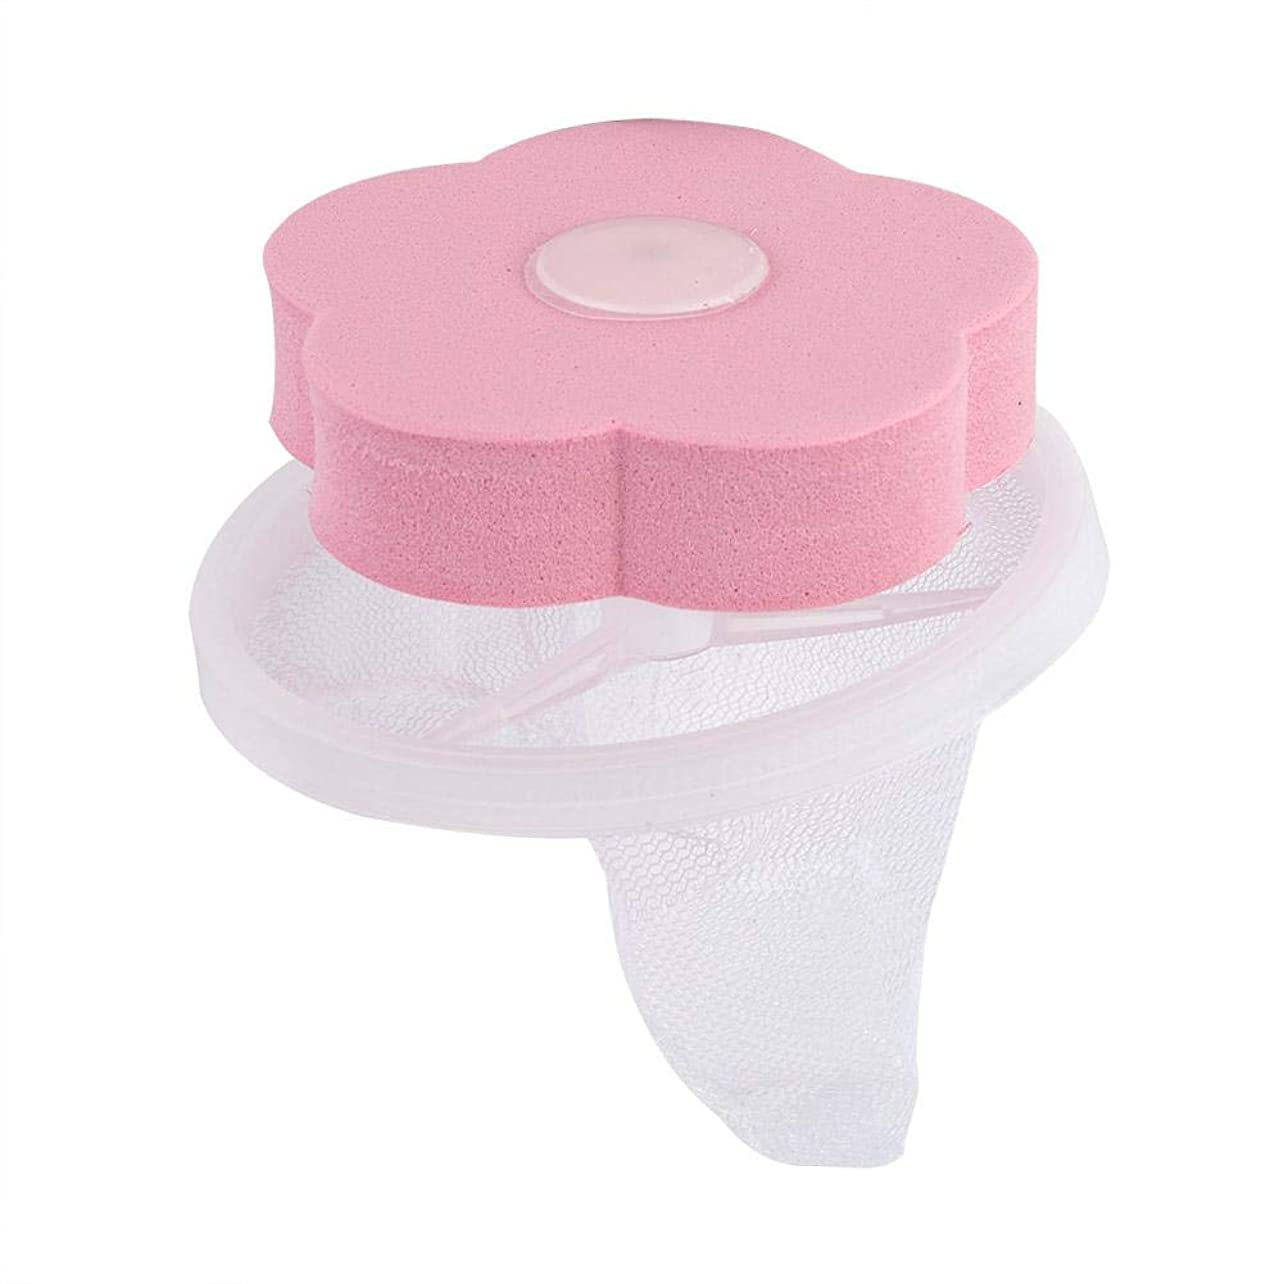 古風な小数知覚するヘアキャッチャーフィルター再利用可能な洗濯機フローティングリントメッシュバッグポータブルワッシャーリントキャッチャー洗濯機リントトラップ用家庭用ツール 2点(ピンク)